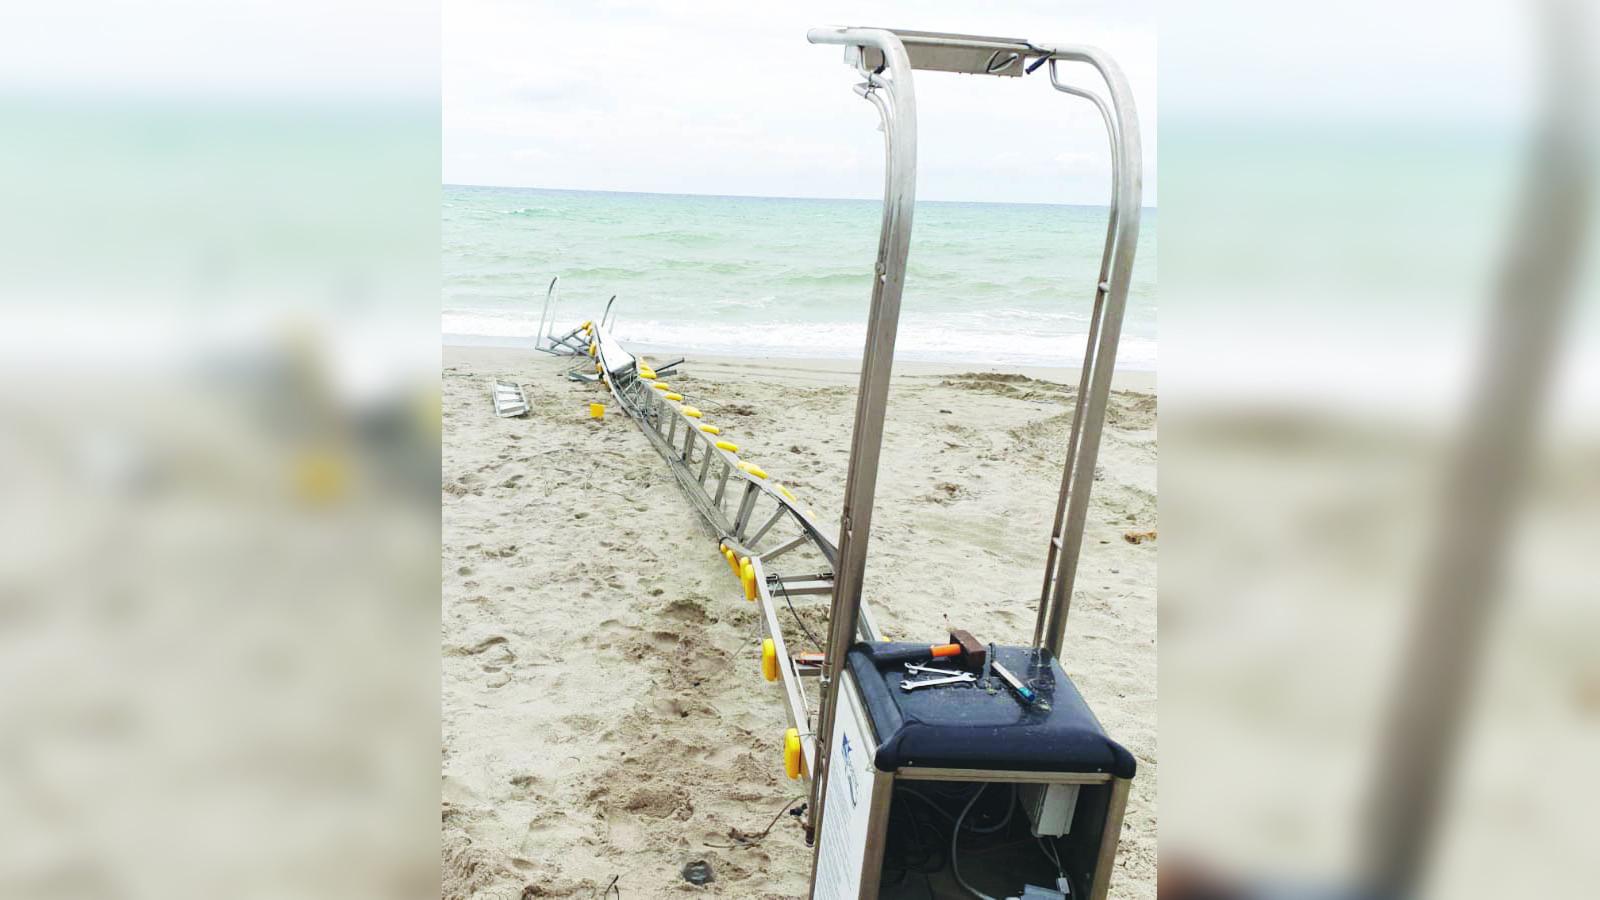 La furia del mare danneggia il sistema Seatrac del lido Valentino Maltempo, l'appello della Cooperativa Zarapoti: «Dateci una mano»